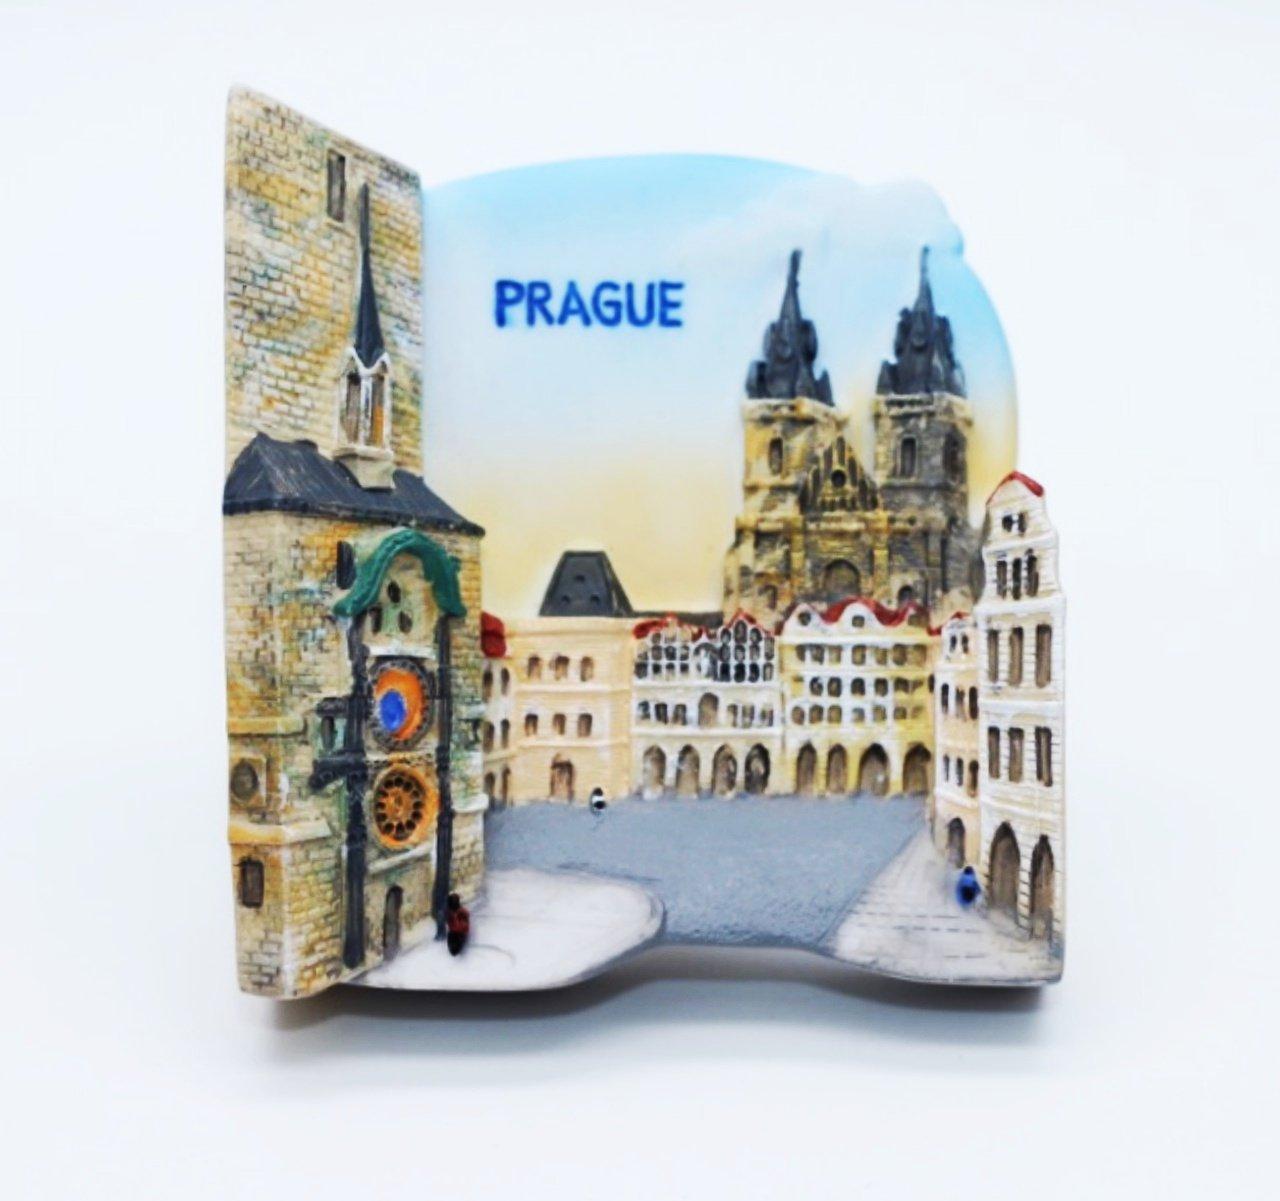 プラハ チェコ共和国天文時計使徒タワー 3 D ガレージ グッズ冷蔵庫マグネット B00G3S12SM